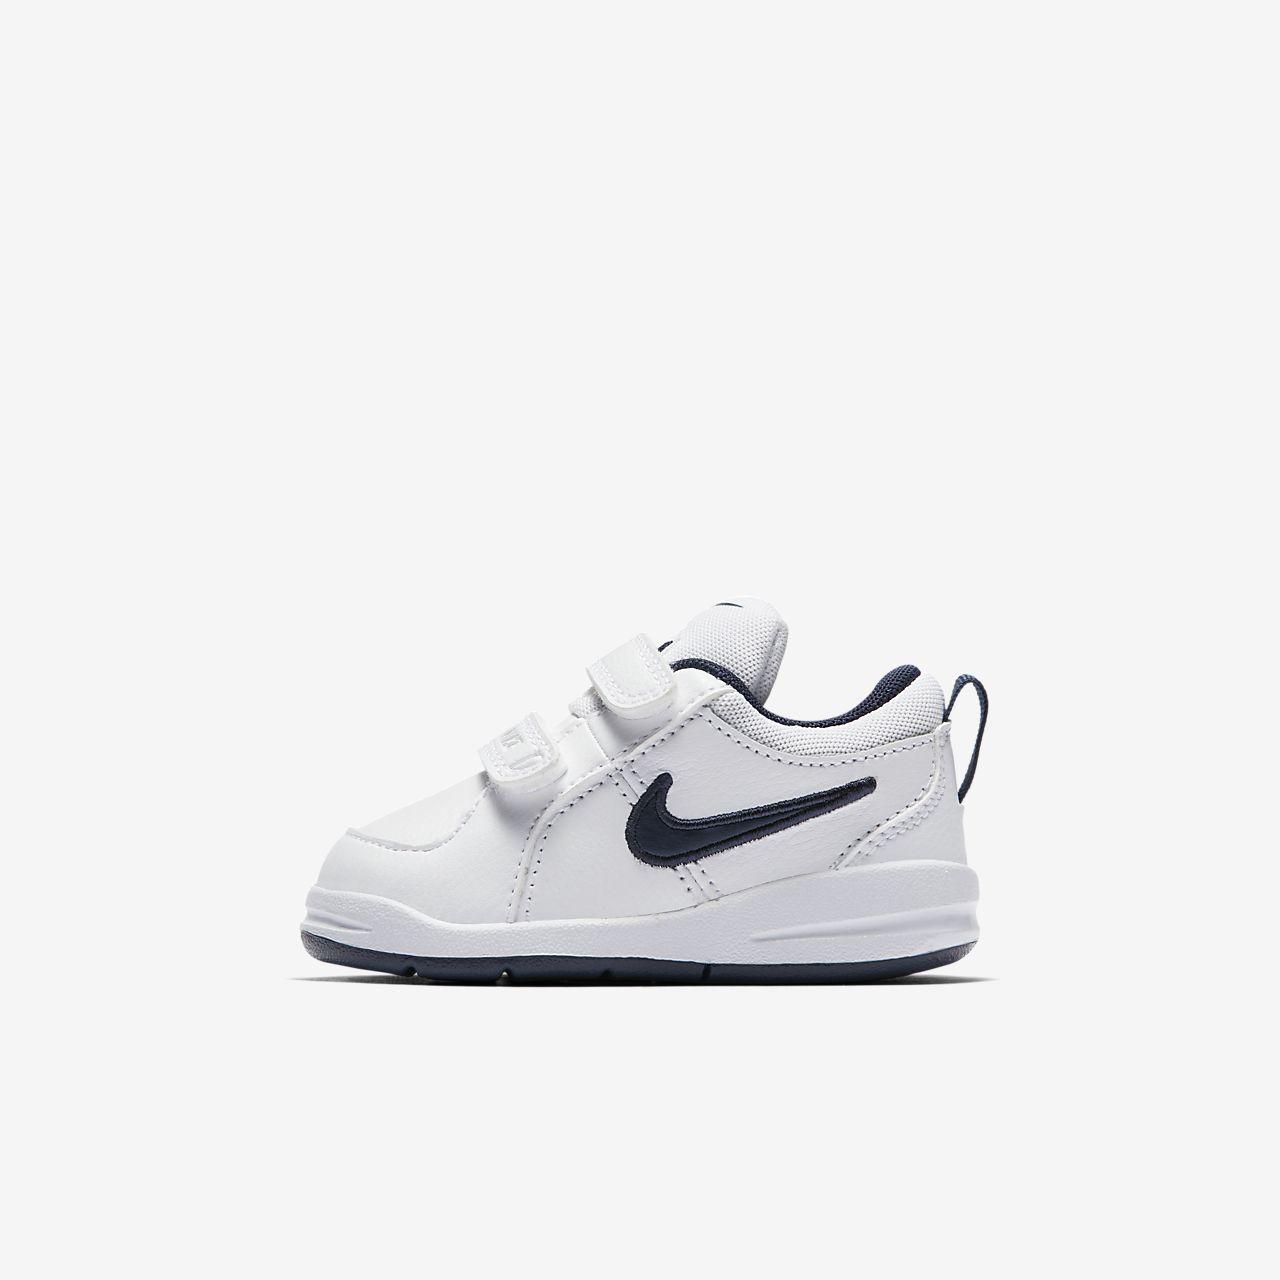 low priced c4581 0f6e3 ... Scarpa Nike Pico 4 - Neonati Bimbi piccoli